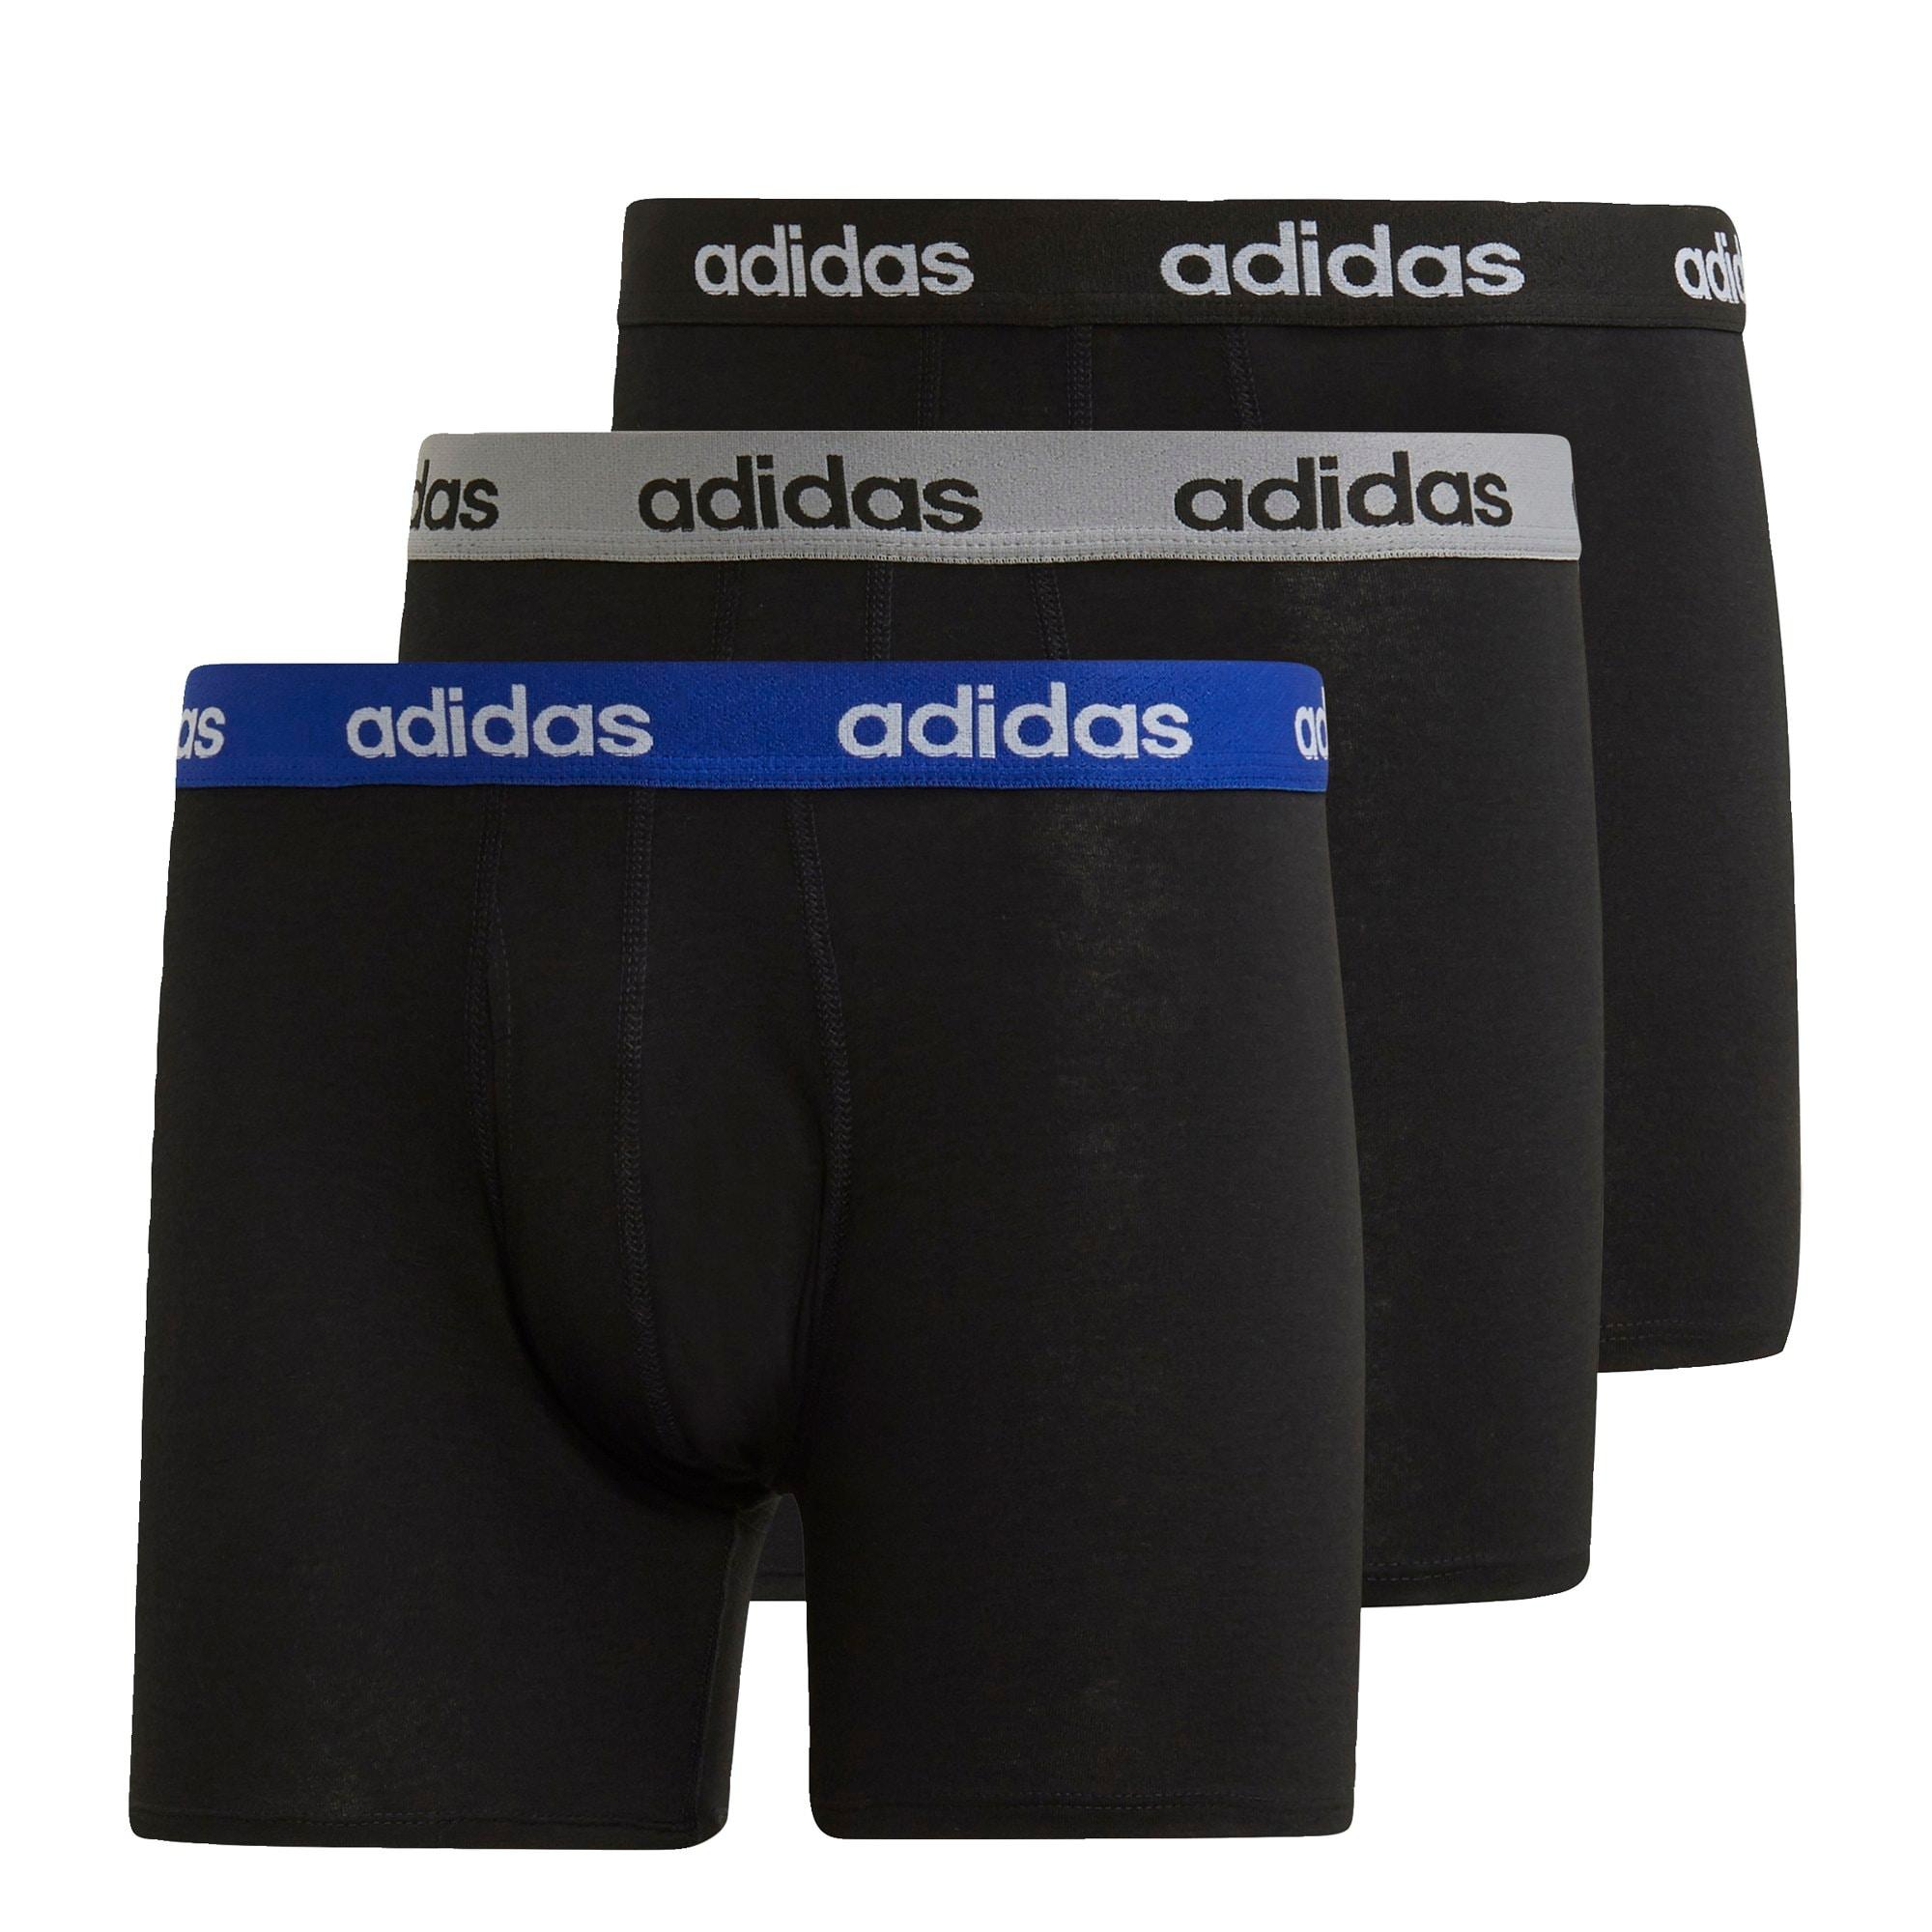 ADIDAS PERFORMANCE Sportinės trumpikės juoda / mėlyna / pilka